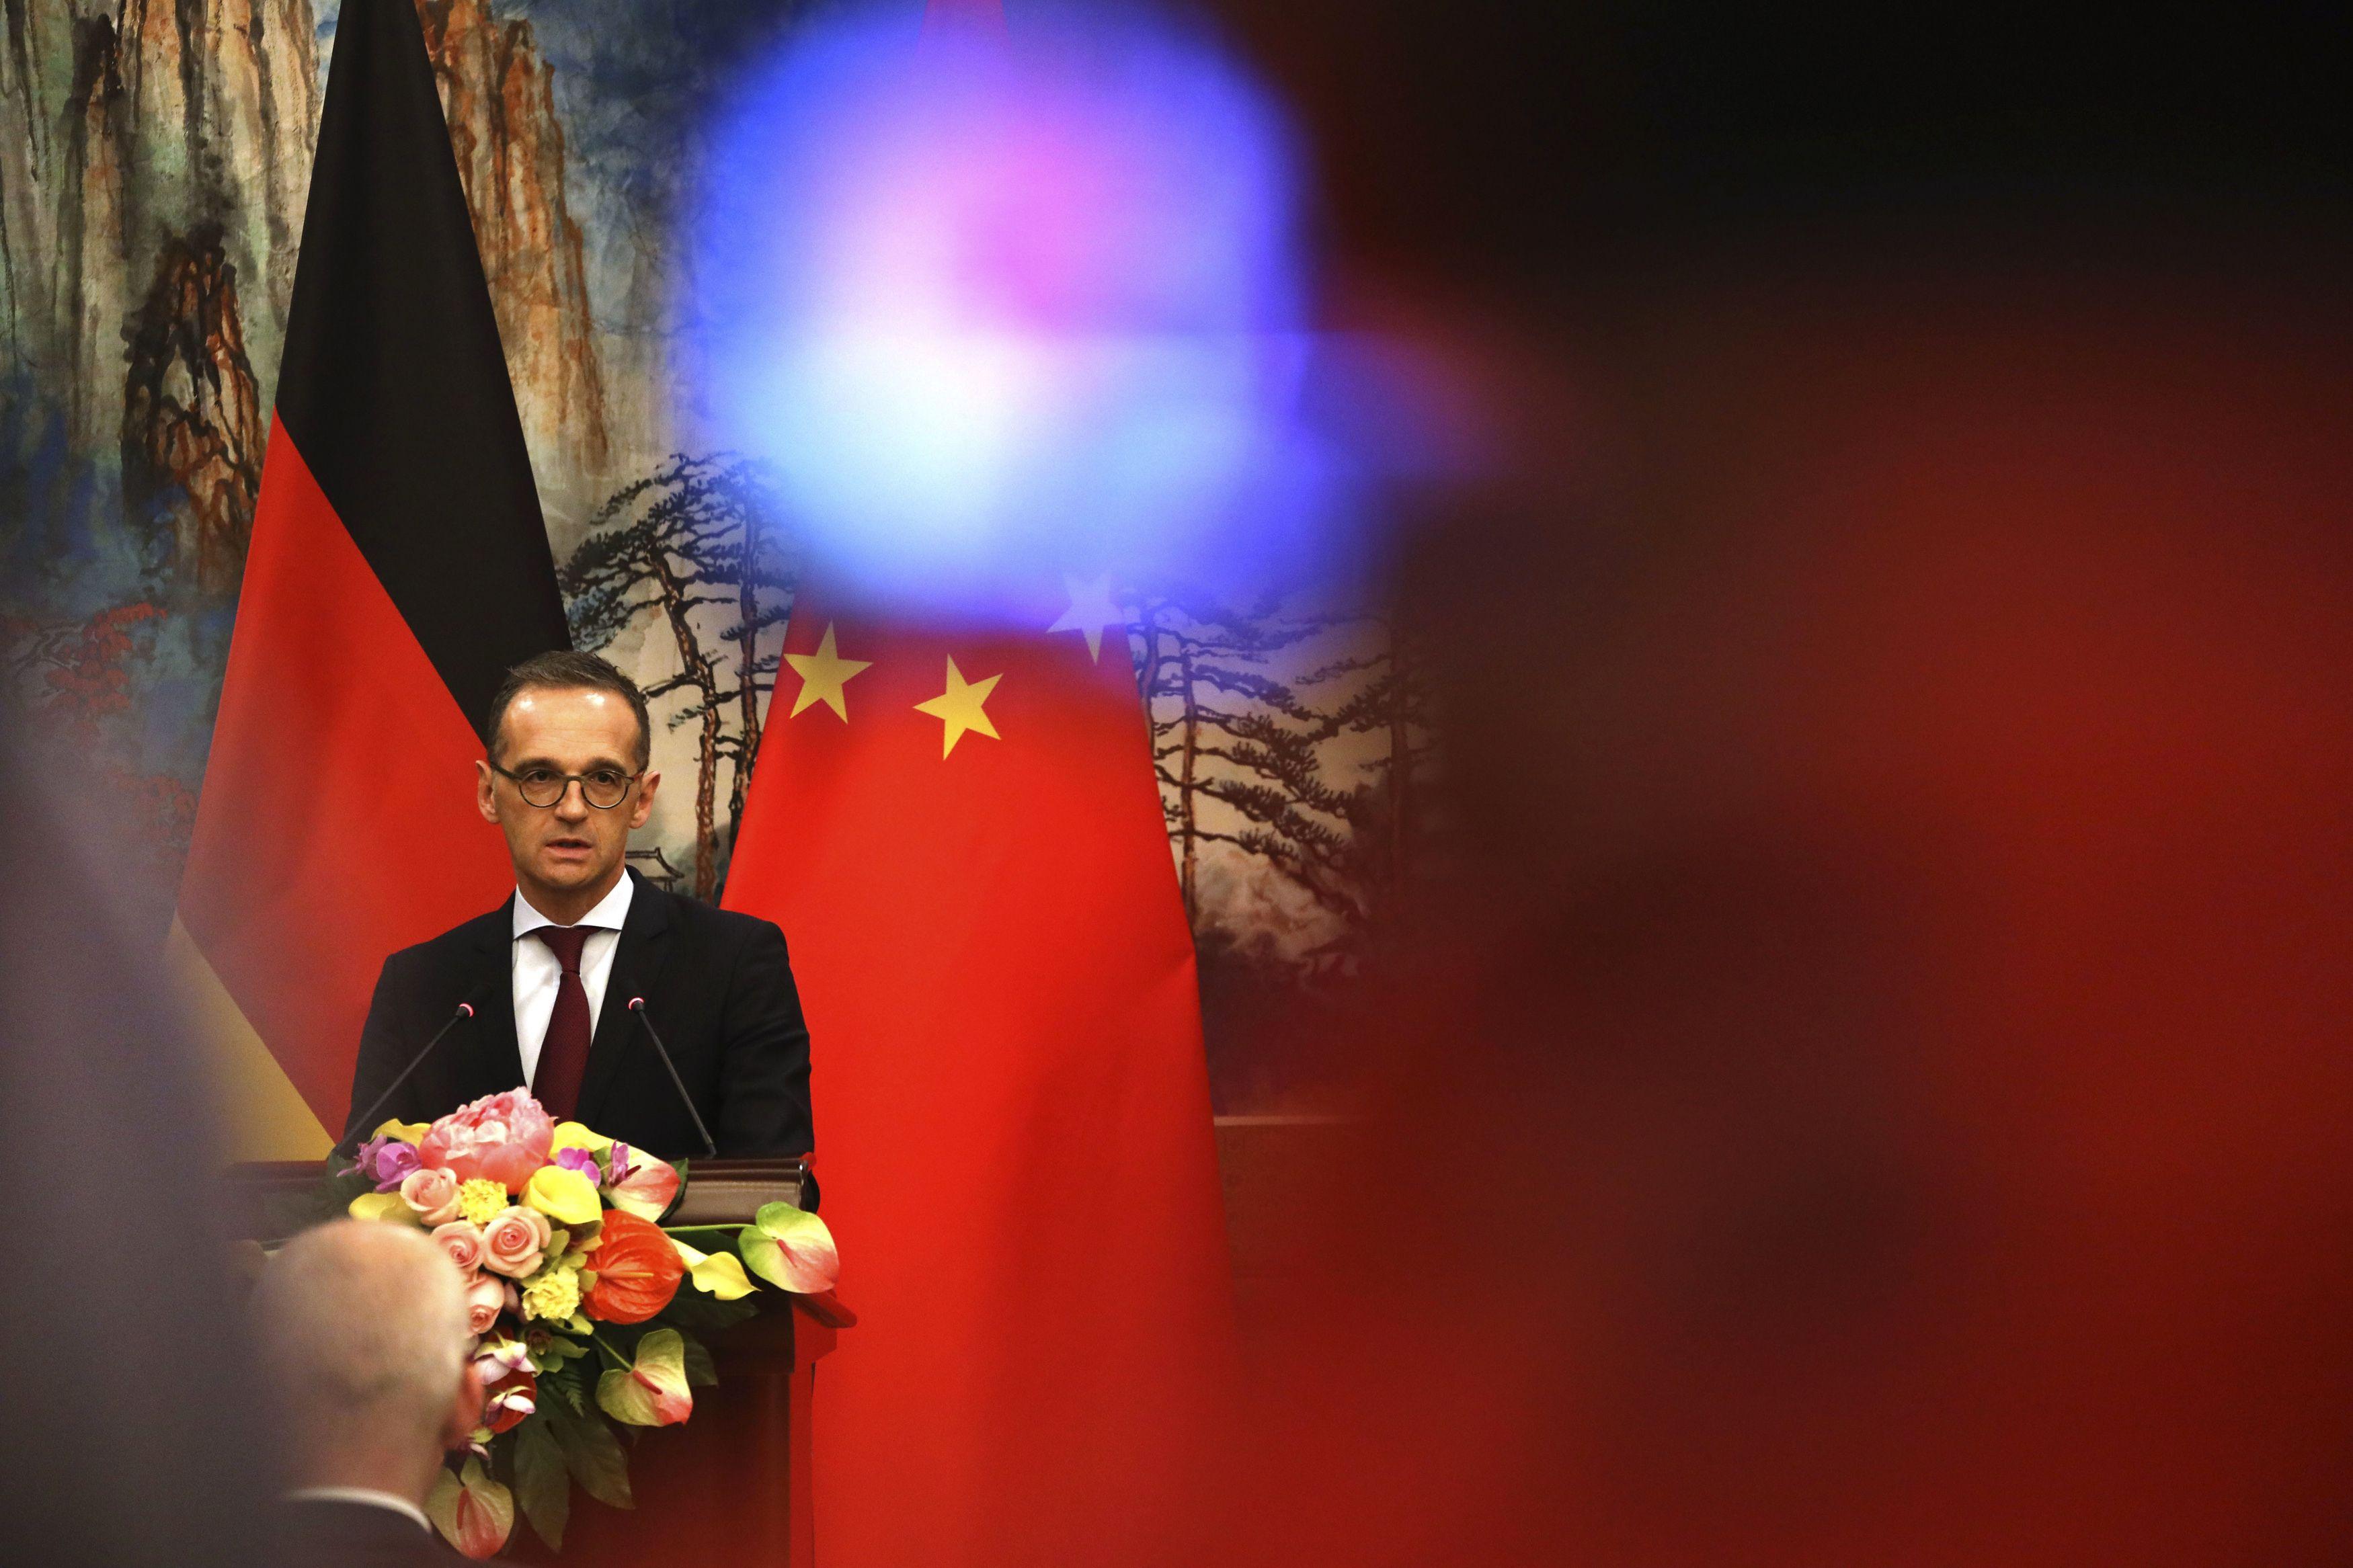 德國領導討論中國,傳達瞭意味深長的信號!-圖3